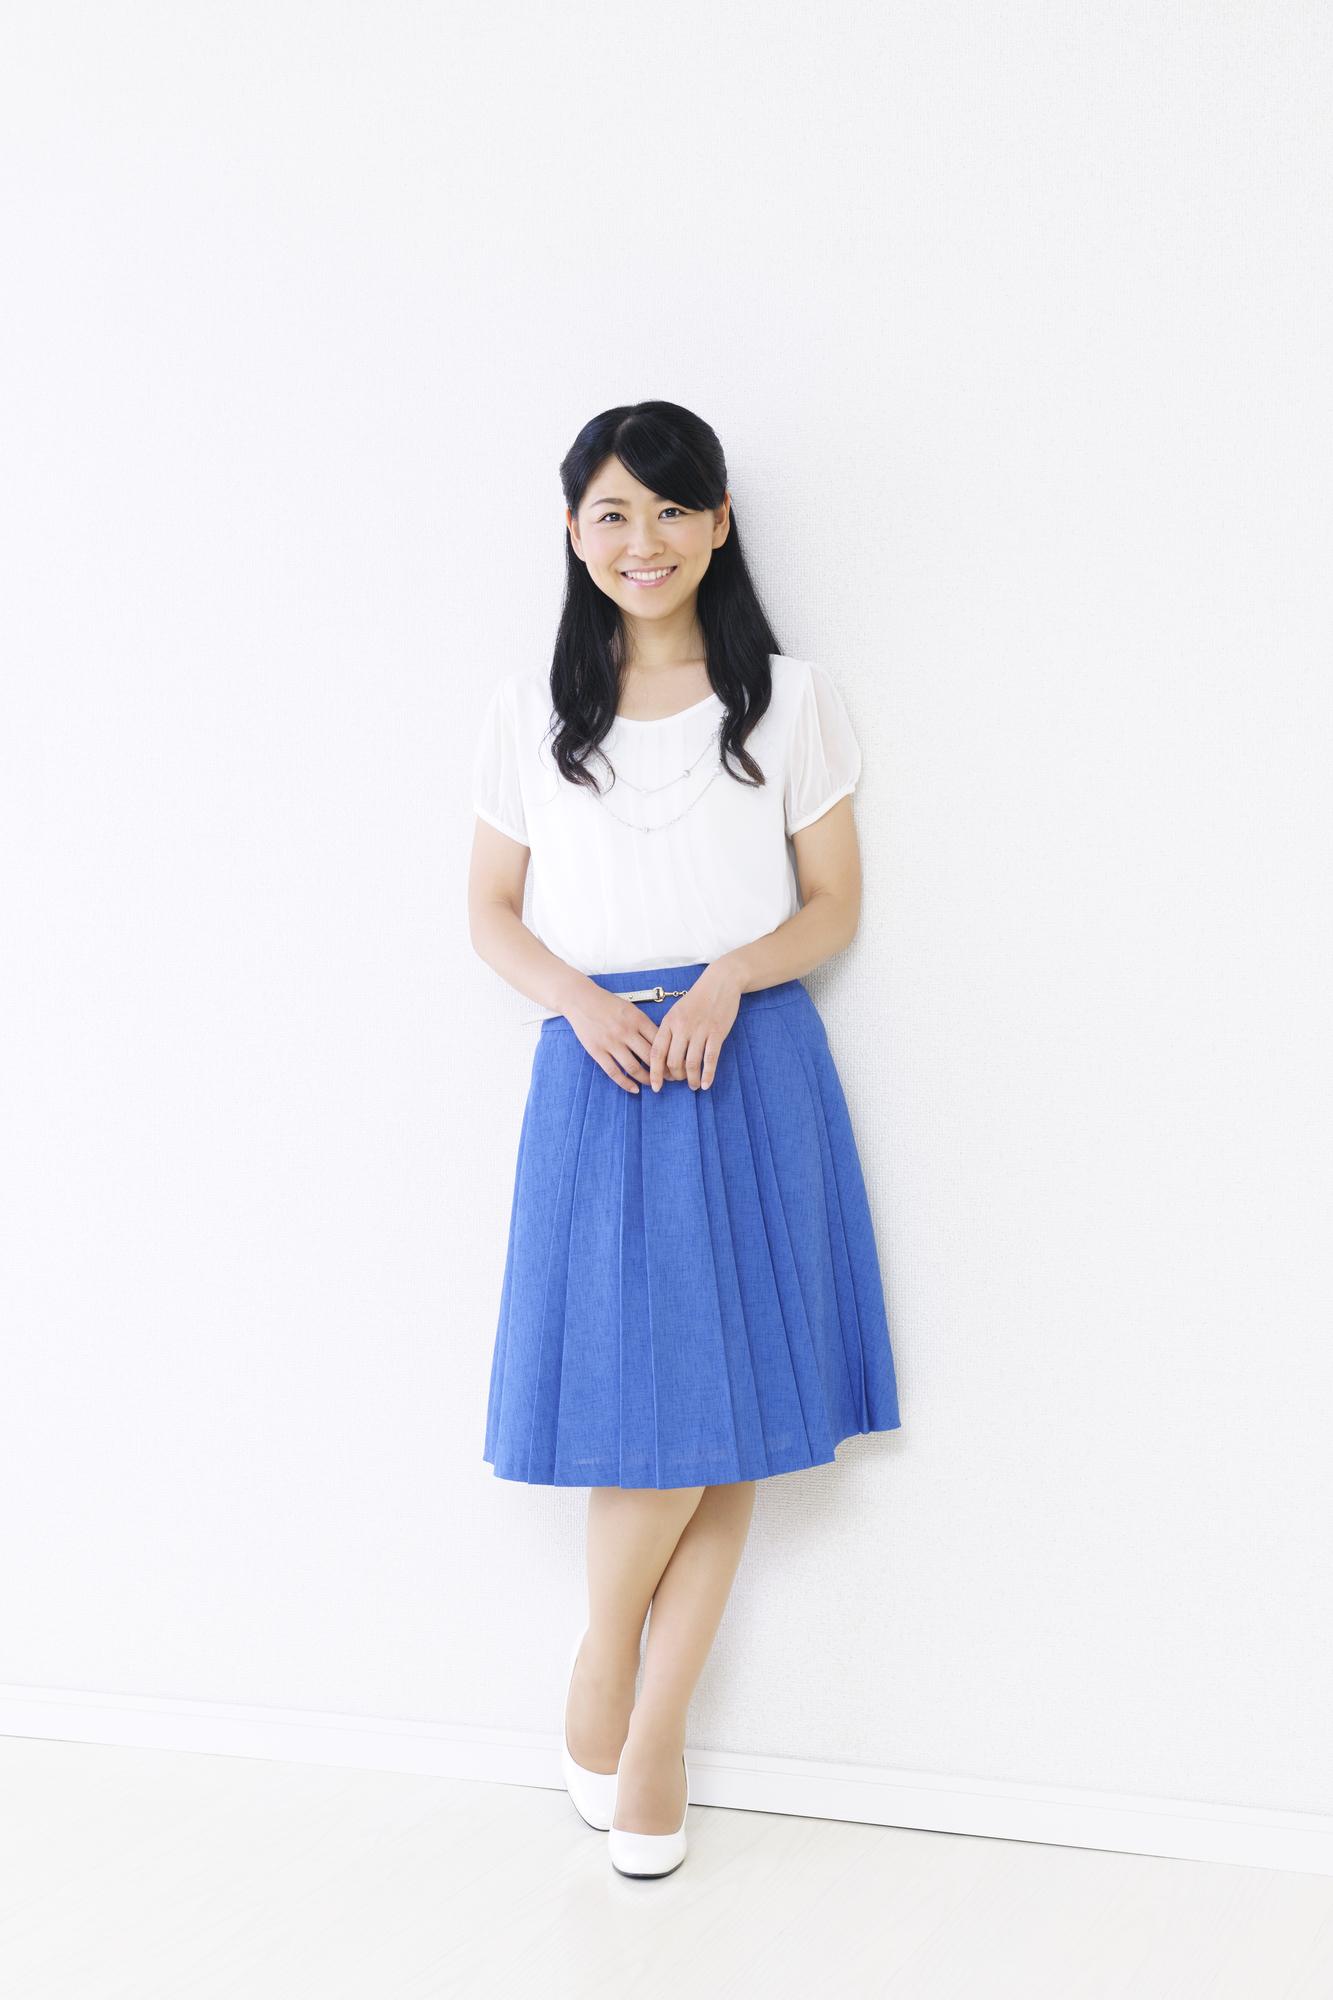 シャツ・スカートスタイルの女性